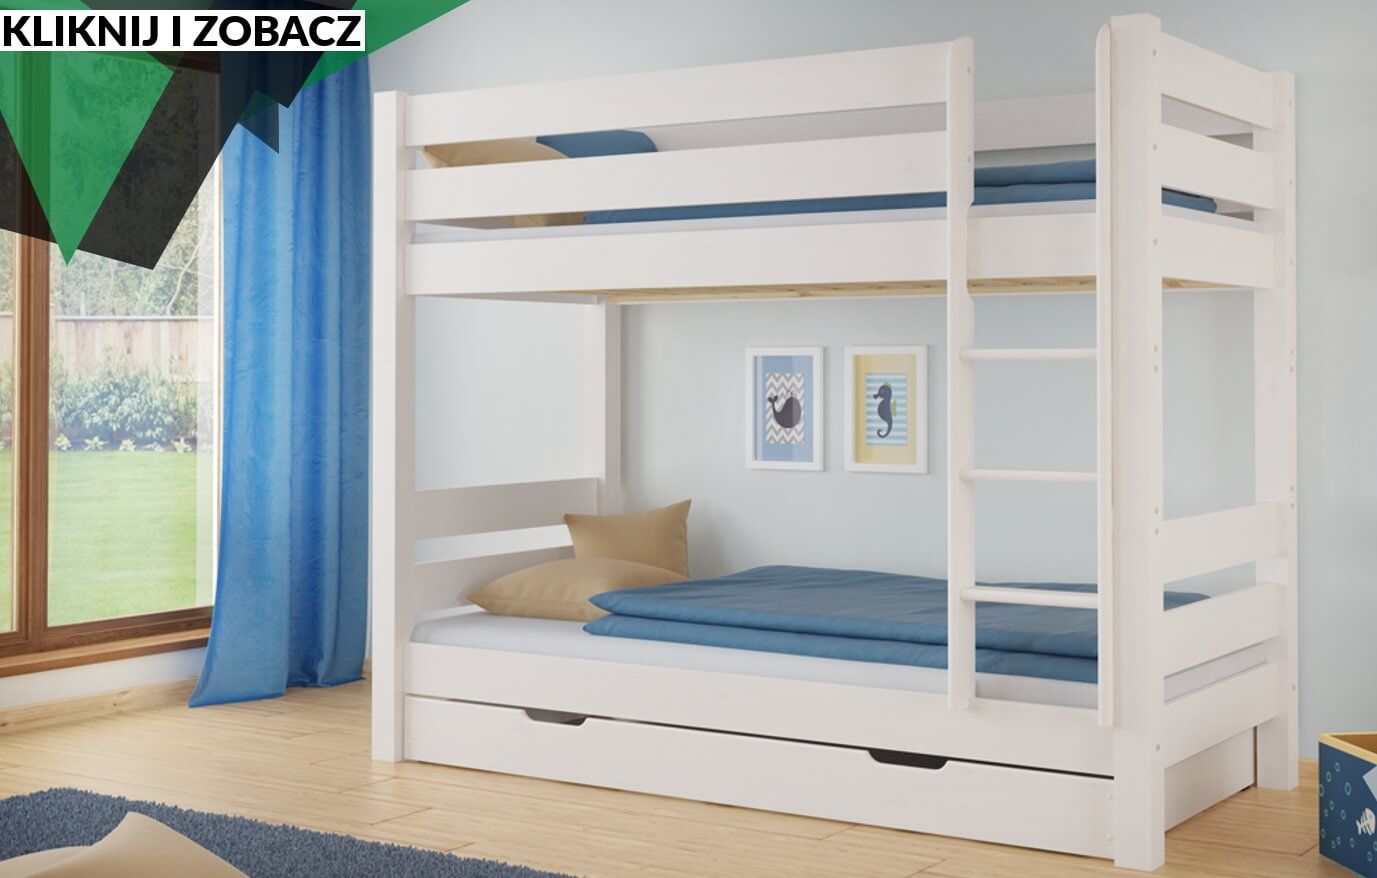 Białe łóżko Piętrowe Jan Producent Mebli Z Drewna